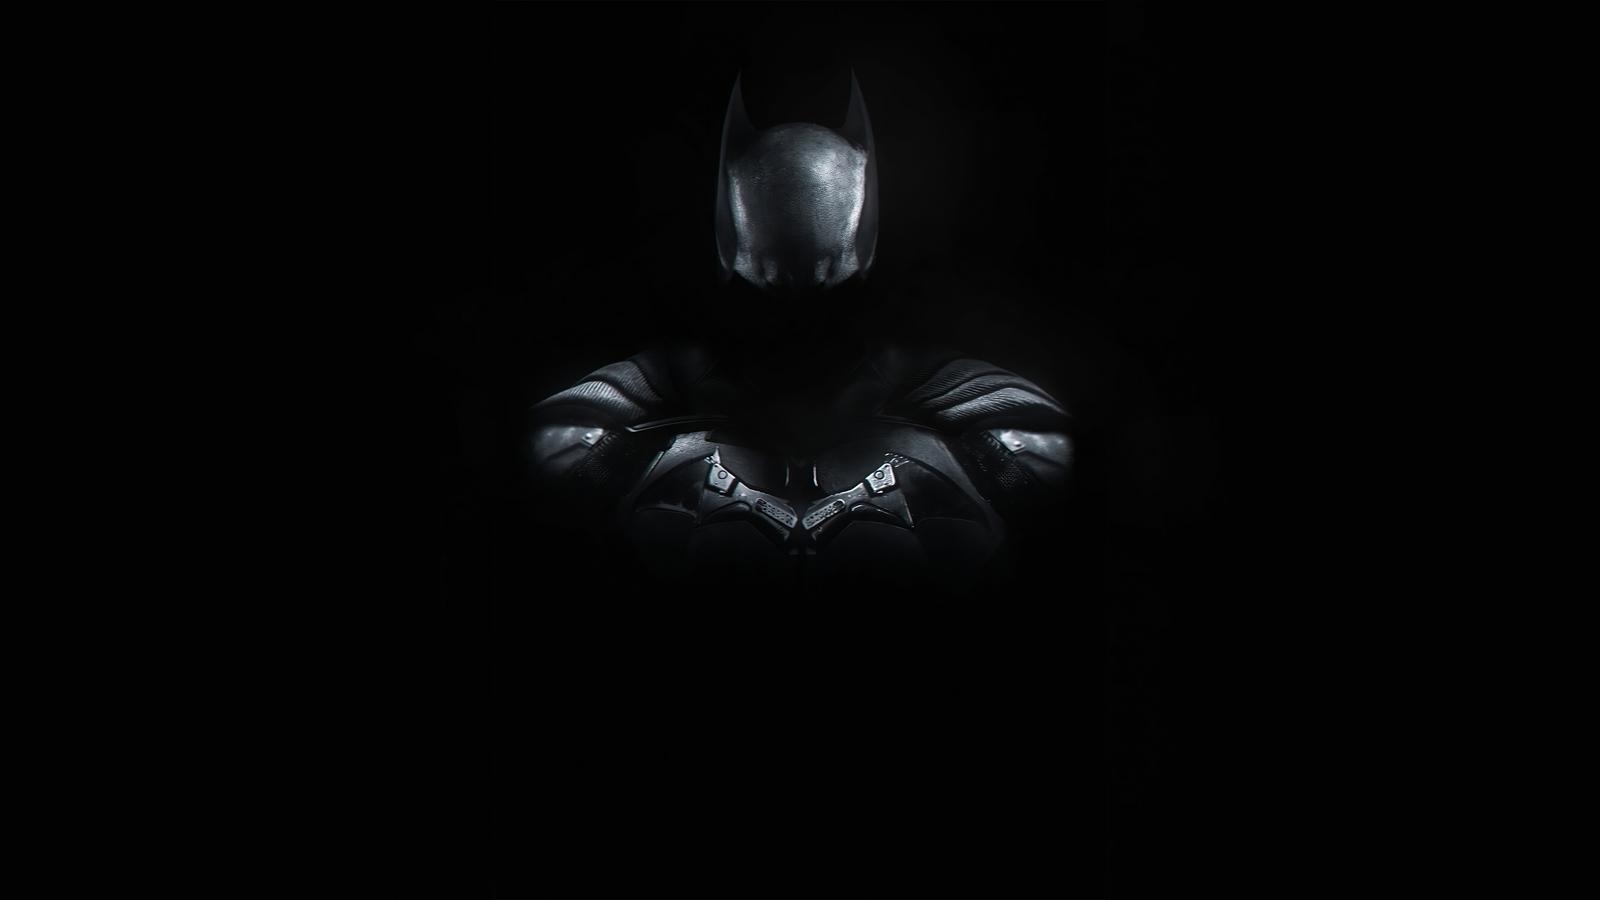 1600x900 Batman Dark 4k 1600x900 Resolution Hd 4k Wallpapers